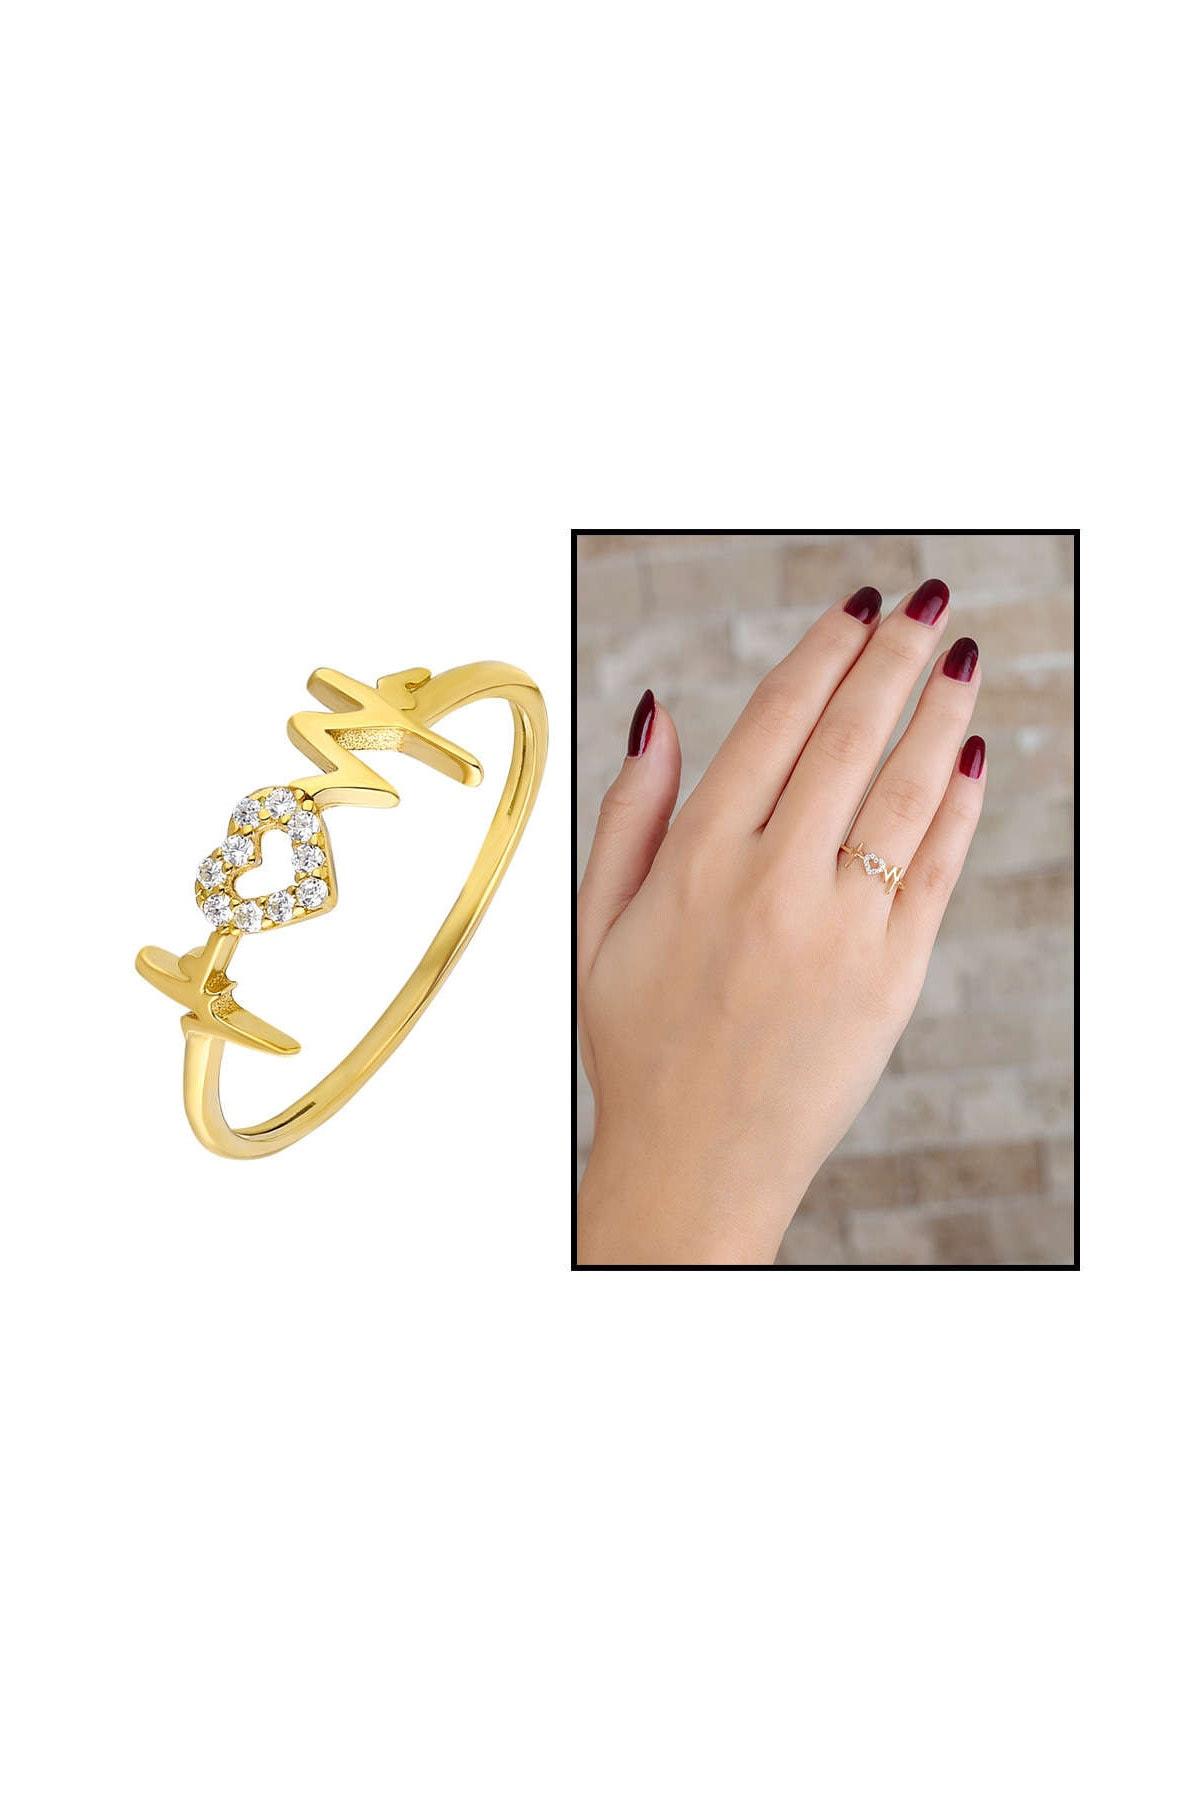 Tesbihane Zirkon Taşlı Kalp-Ritim Tasarım Gold Renk 925 Ayar Gümüş Bayan Yüzük 102001677 1